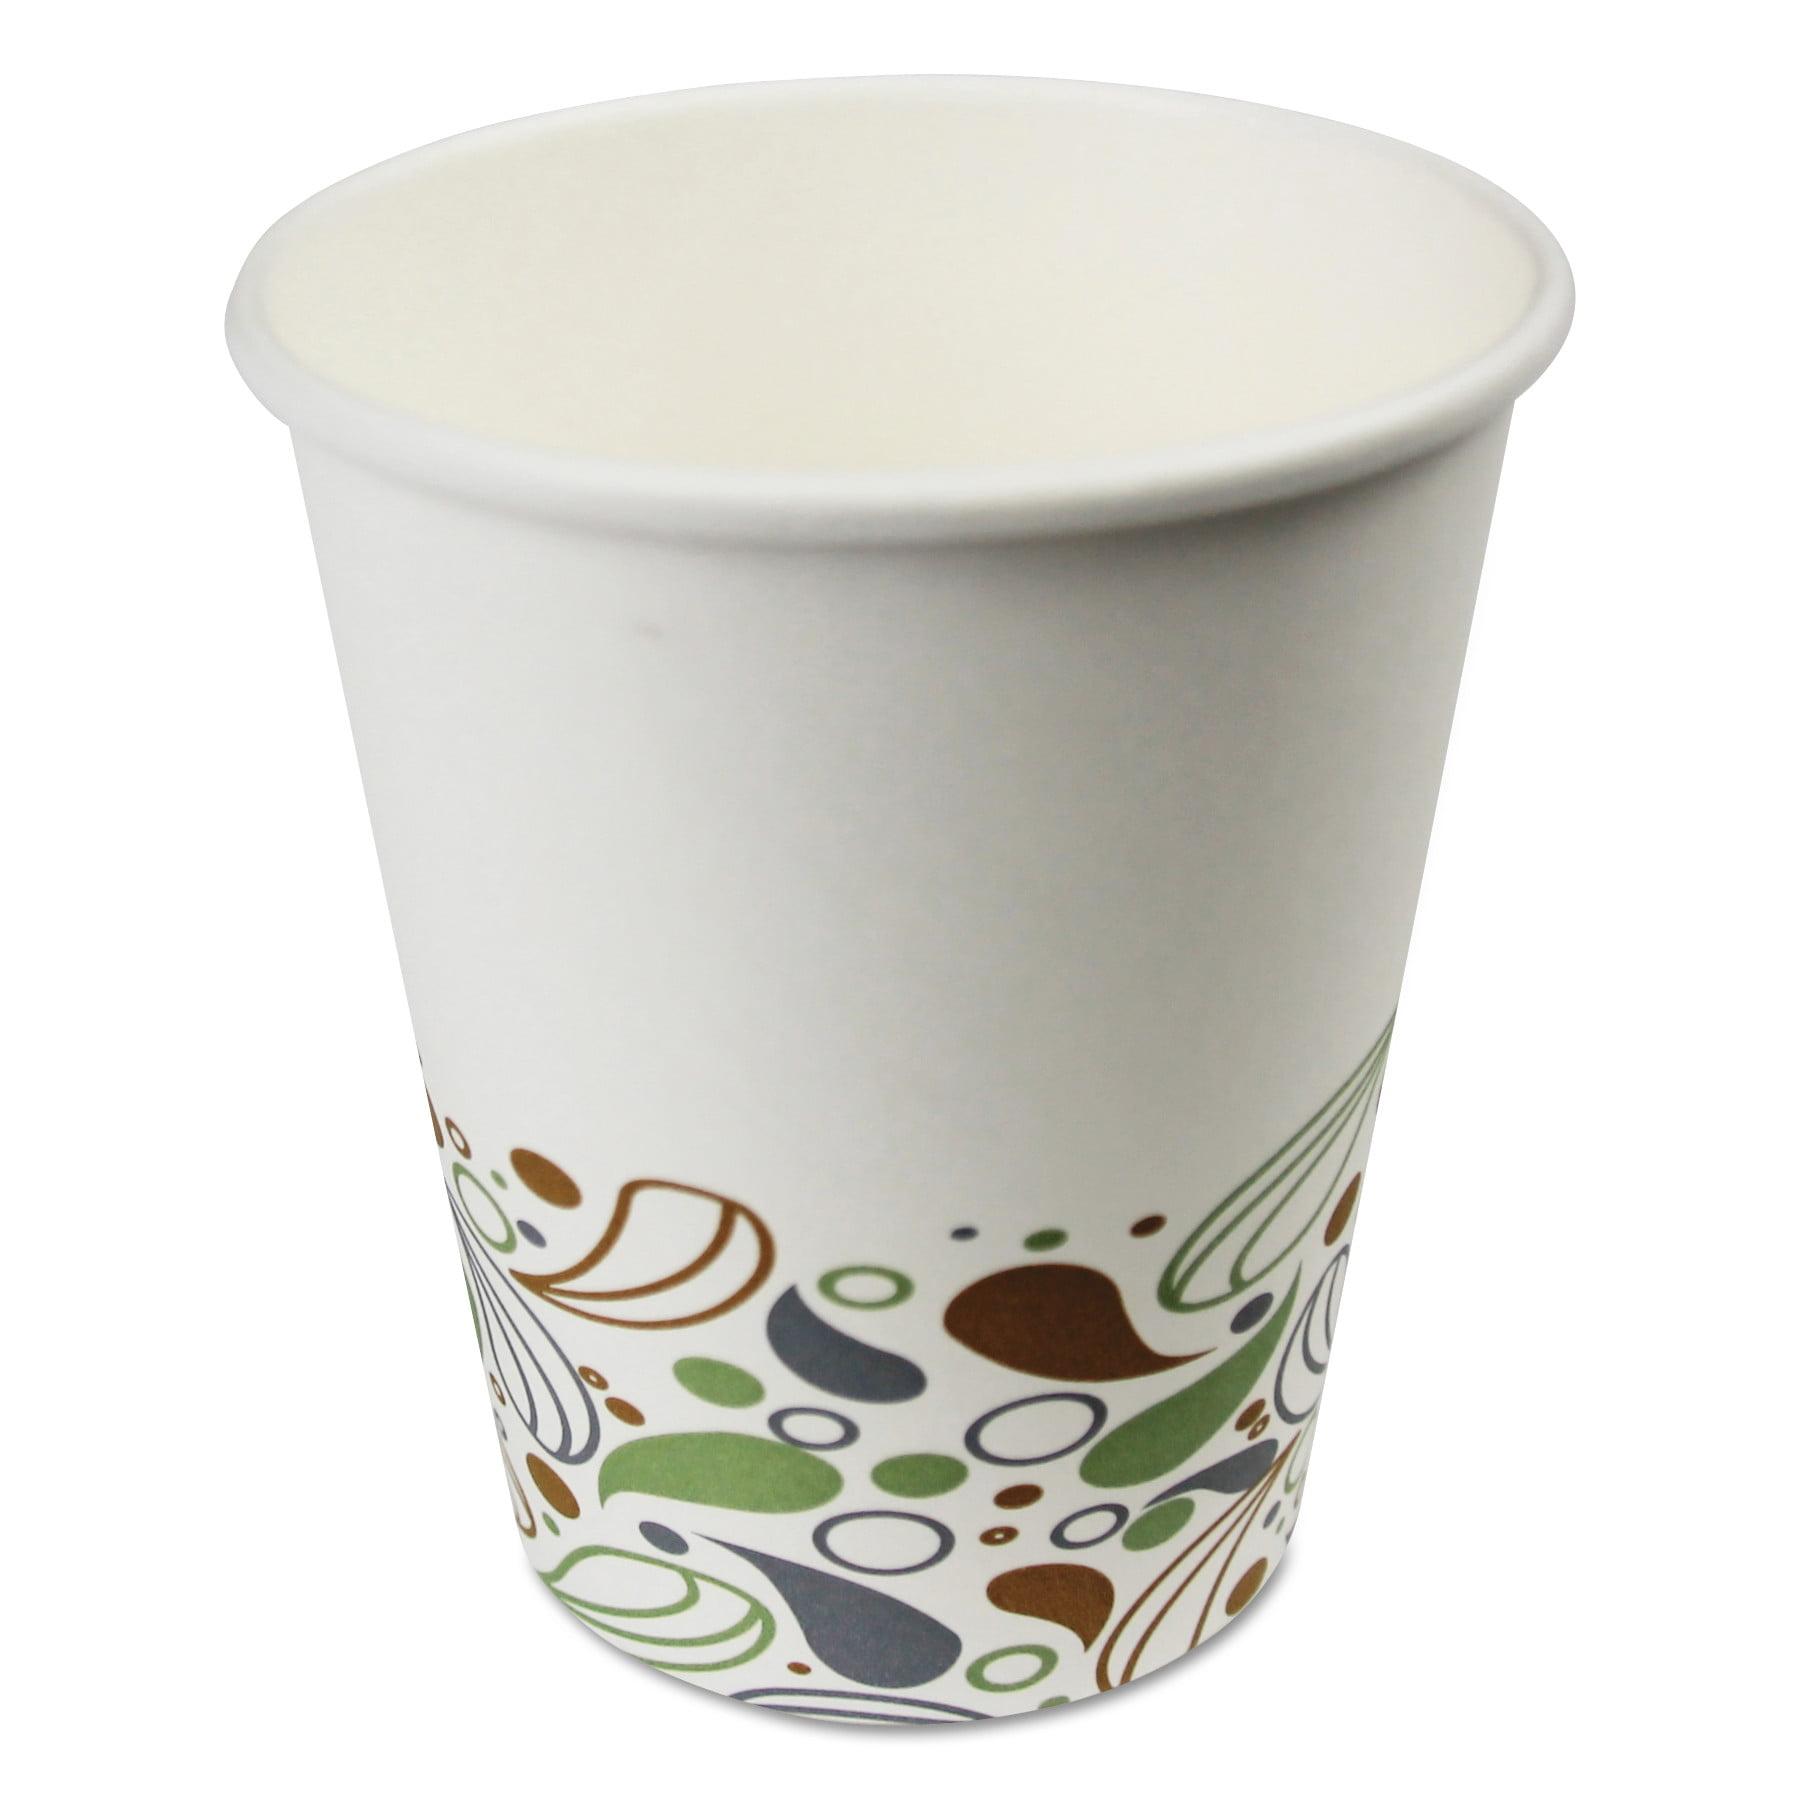 Boardwalk Deerfield Printed Paper Hot Cups, 8 oz, White, 1000/Carton -BWKDEER8HCUP